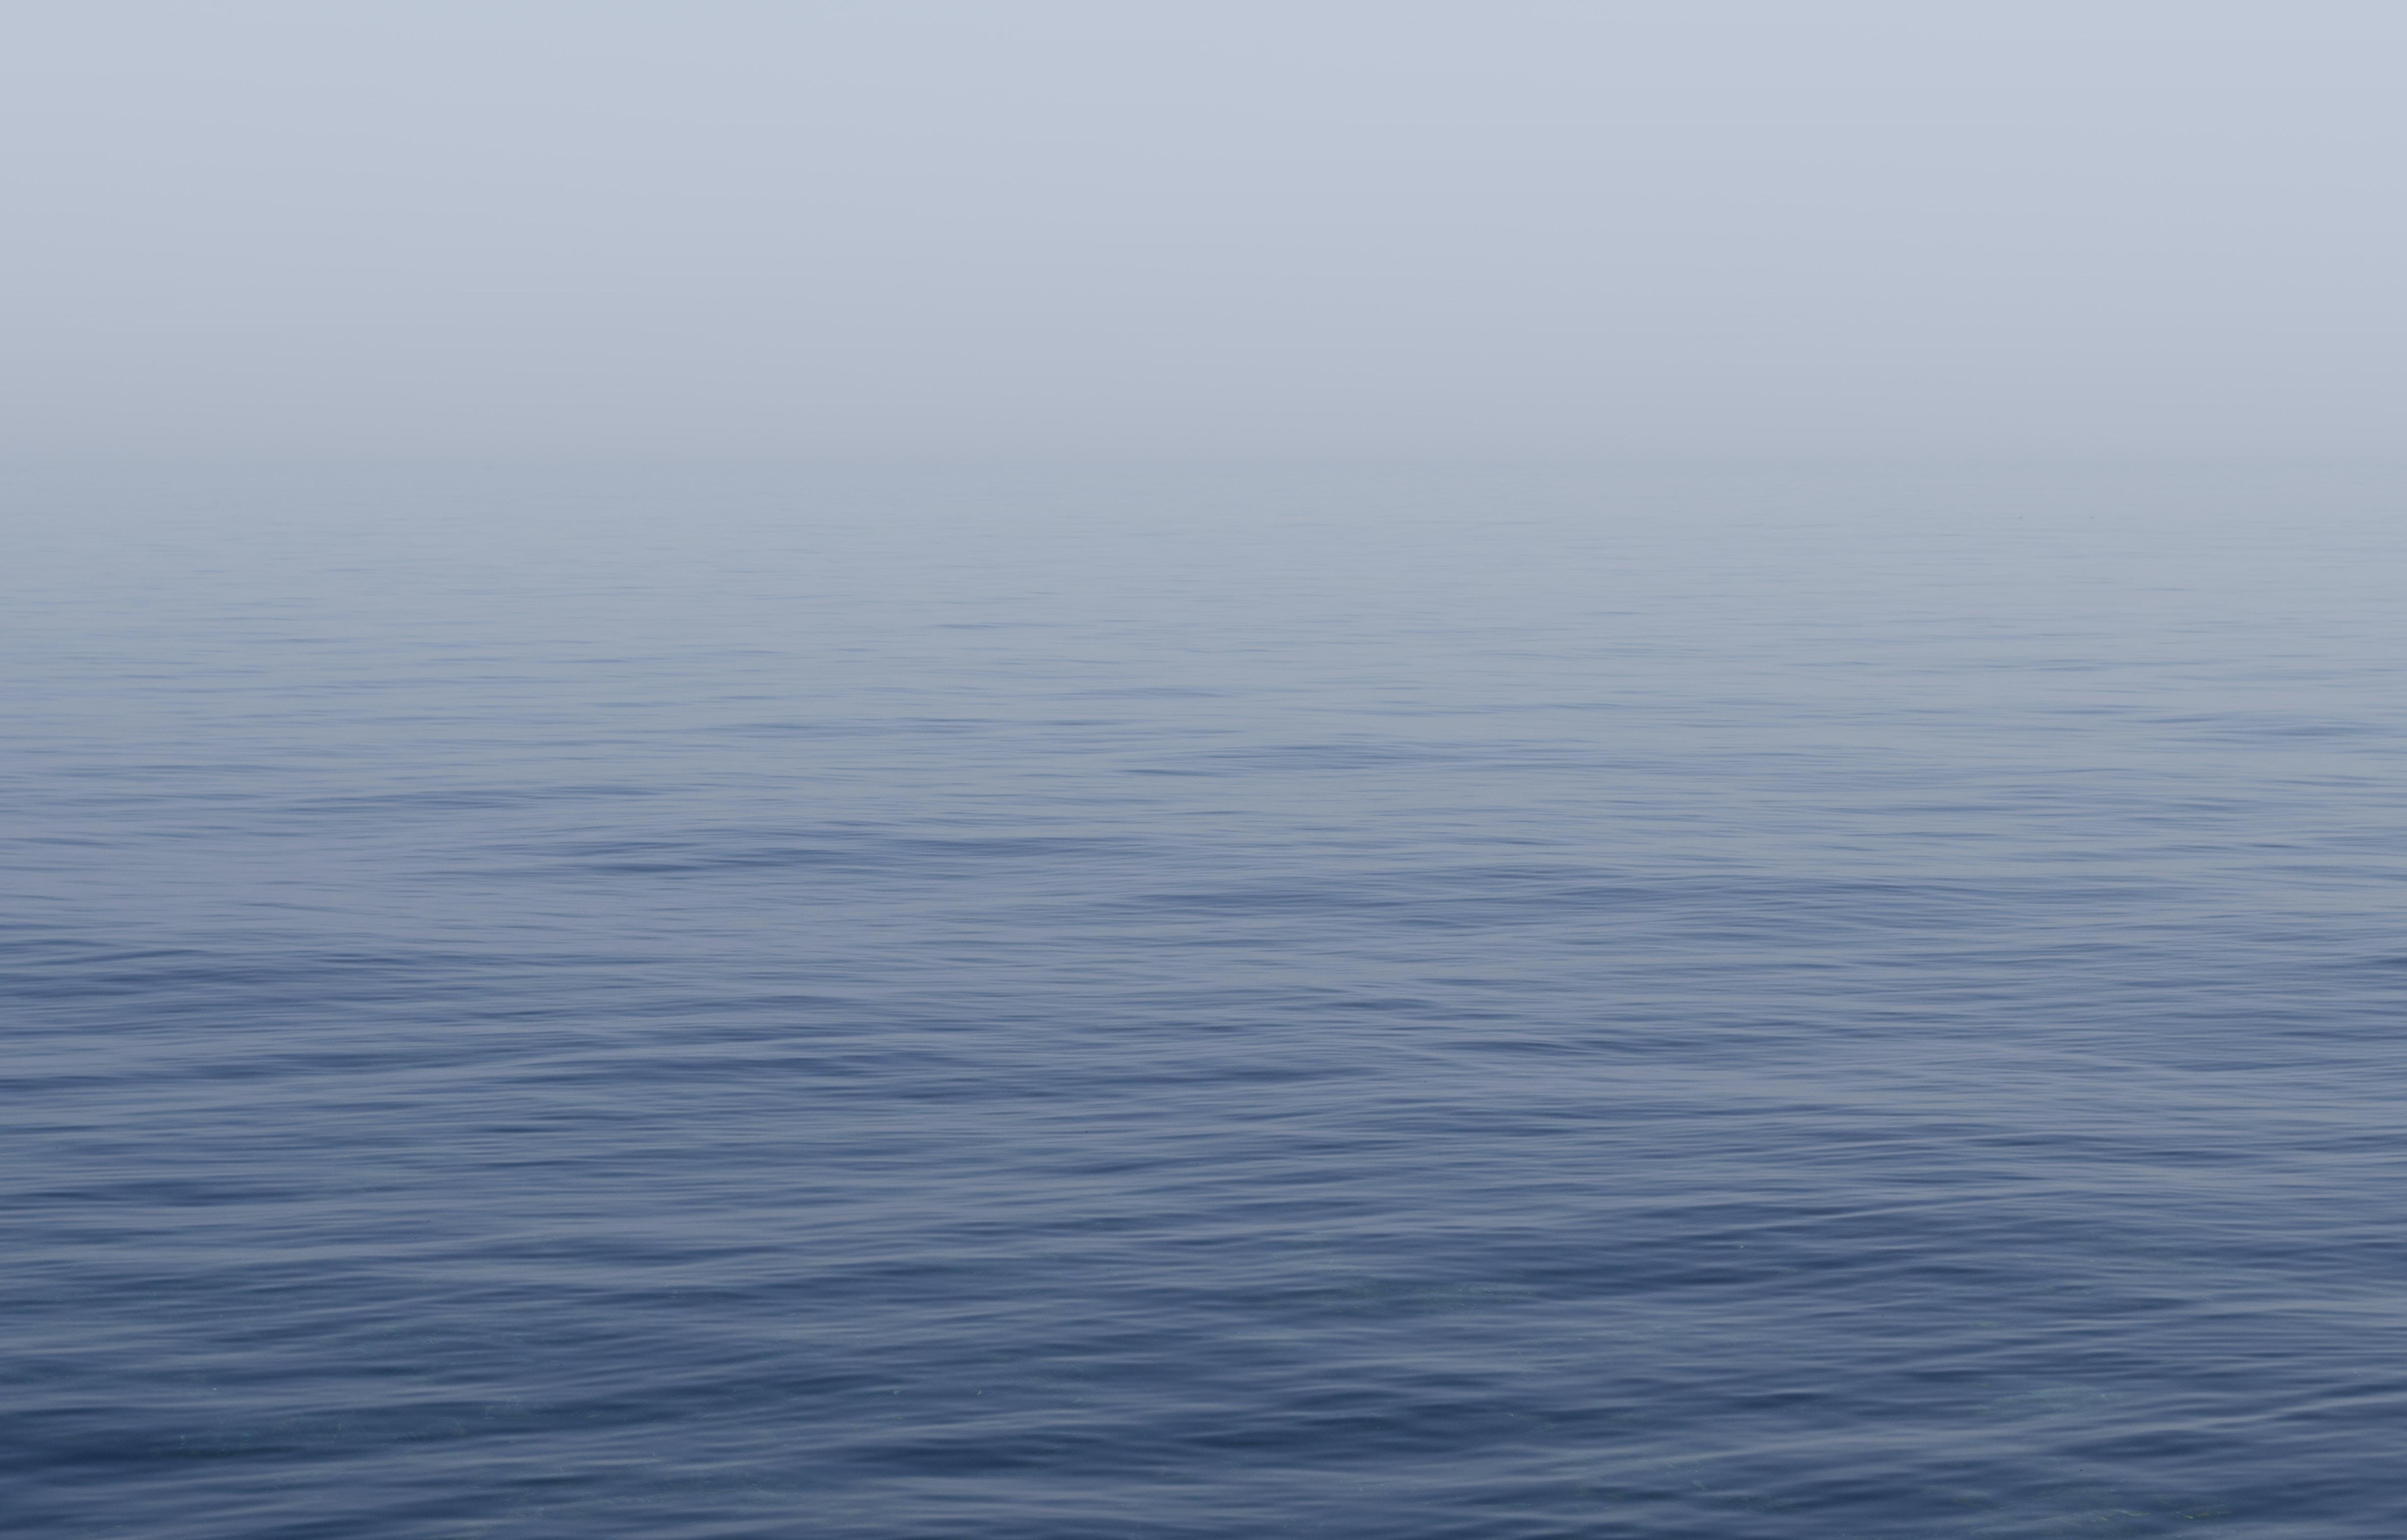 misty body of water